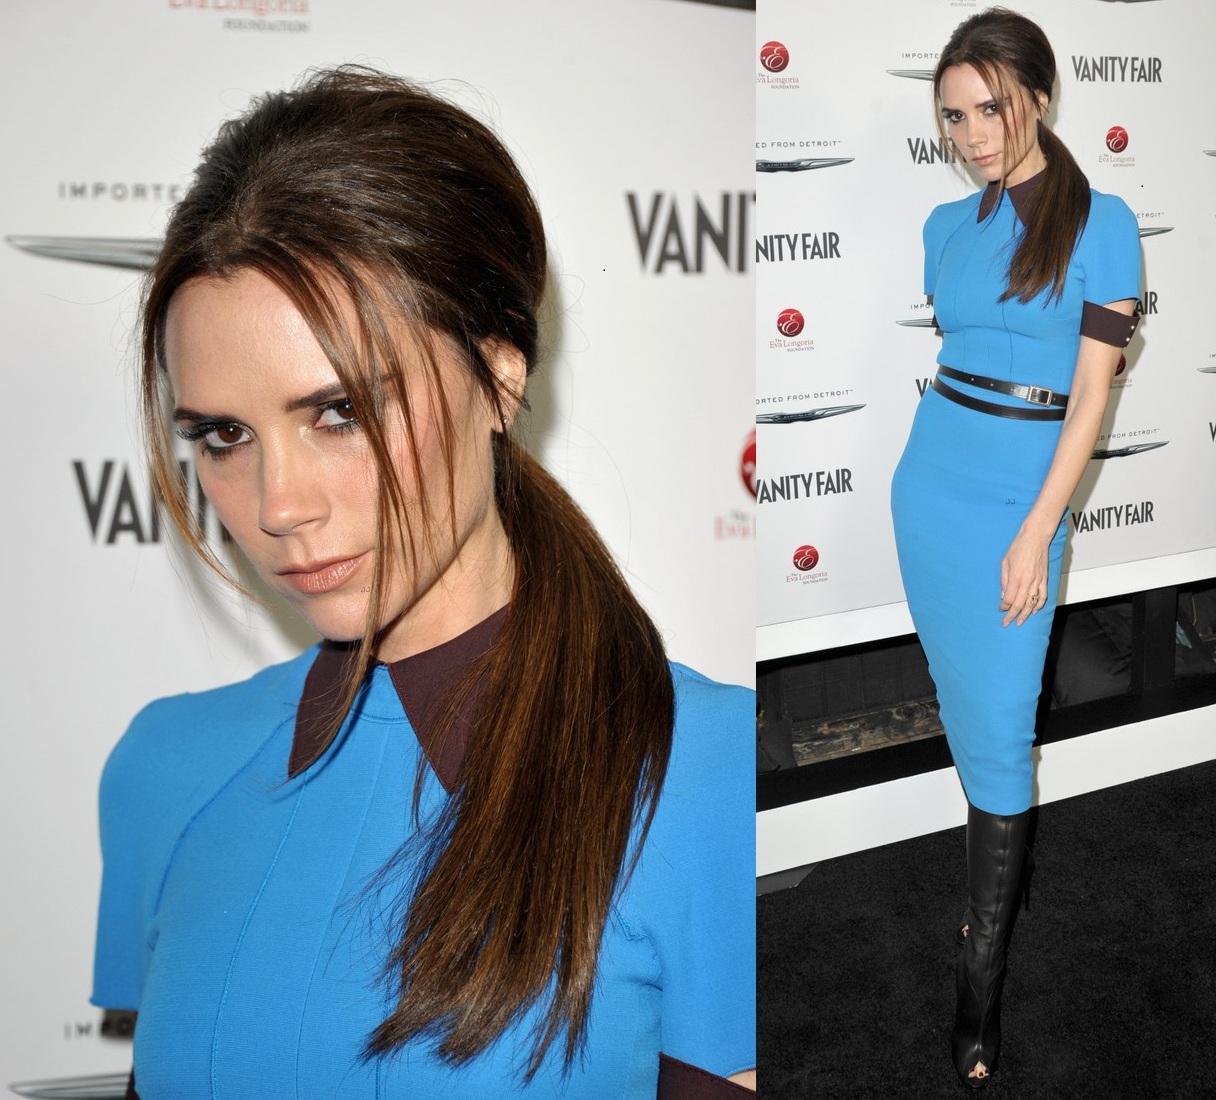 http://1.bp.blogspot.com/-S9aC2Ck304Y/T0gDdpgiXmI/AAAAAAAAFFs/gS2l4Npv2aE/s1600/Victoria+Beckham+In+Victoria+Beckham+Fall+2012+-++Vanity+Fair+&+Chrysler+Party.jpg